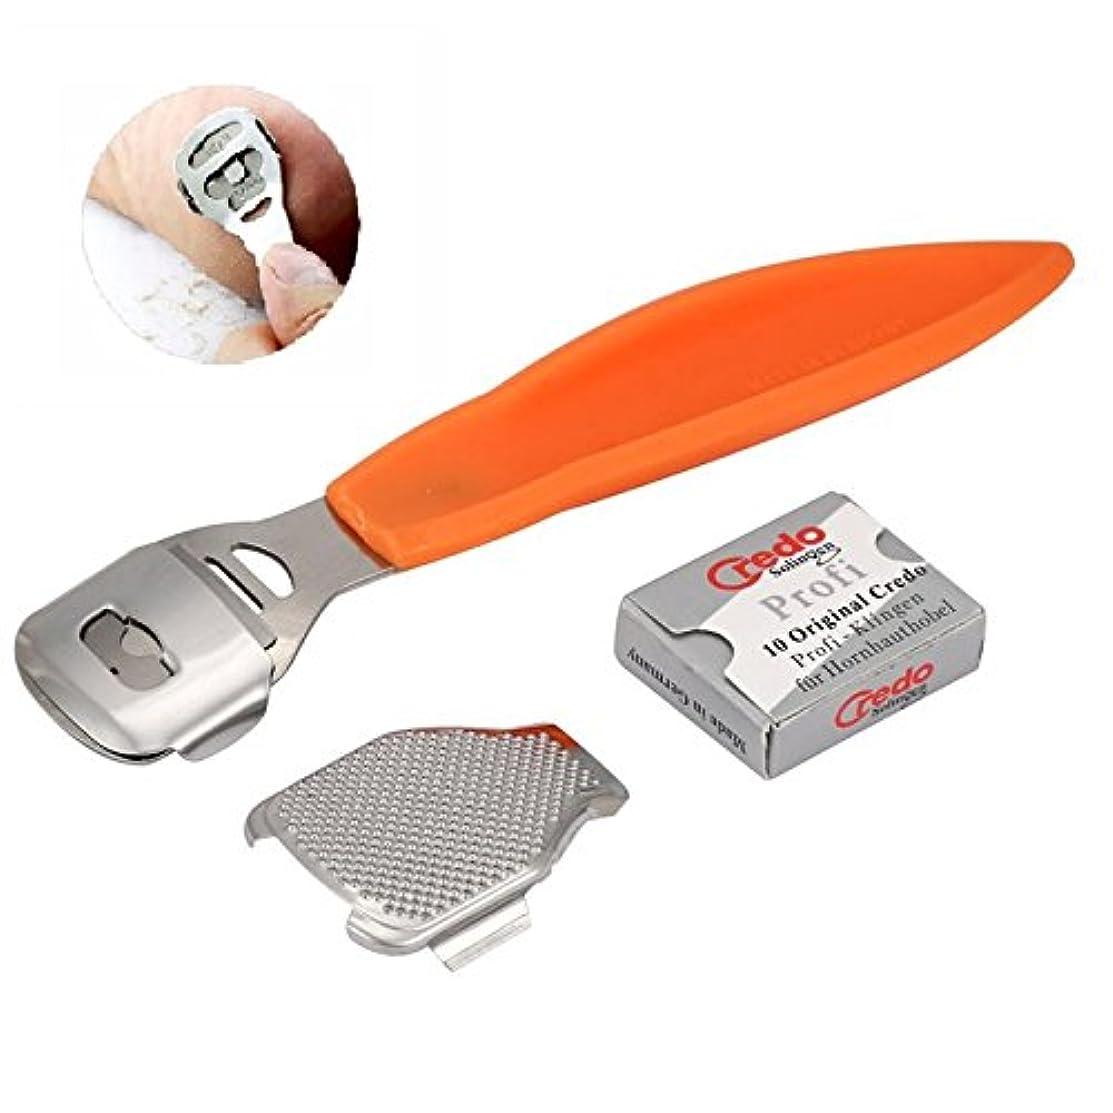 誓約スキップ原理Foot File Set Callus Cuticle Remover Hard Dead Skin Shaver Scraper Foot File Blades Pedicure Tools Set Feet Care...